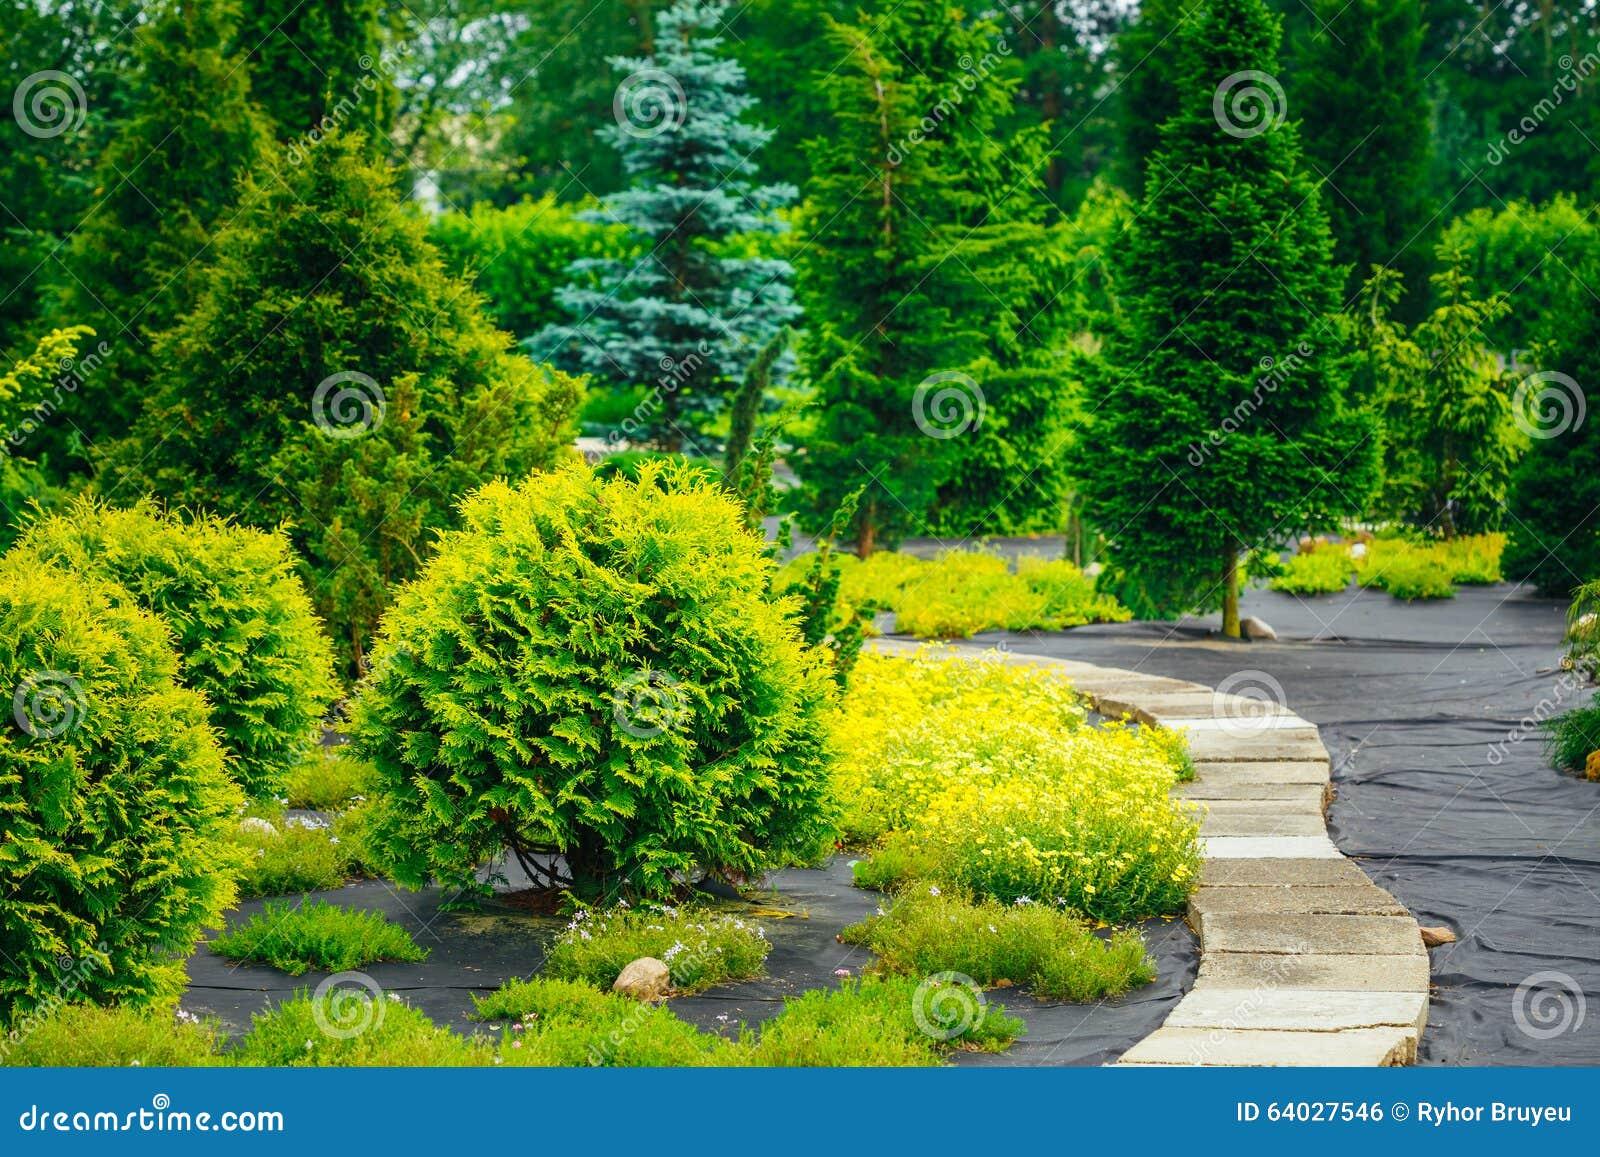 Caminho de pedra no parque do jardim arbustos decorativos for Arbustos decorativos